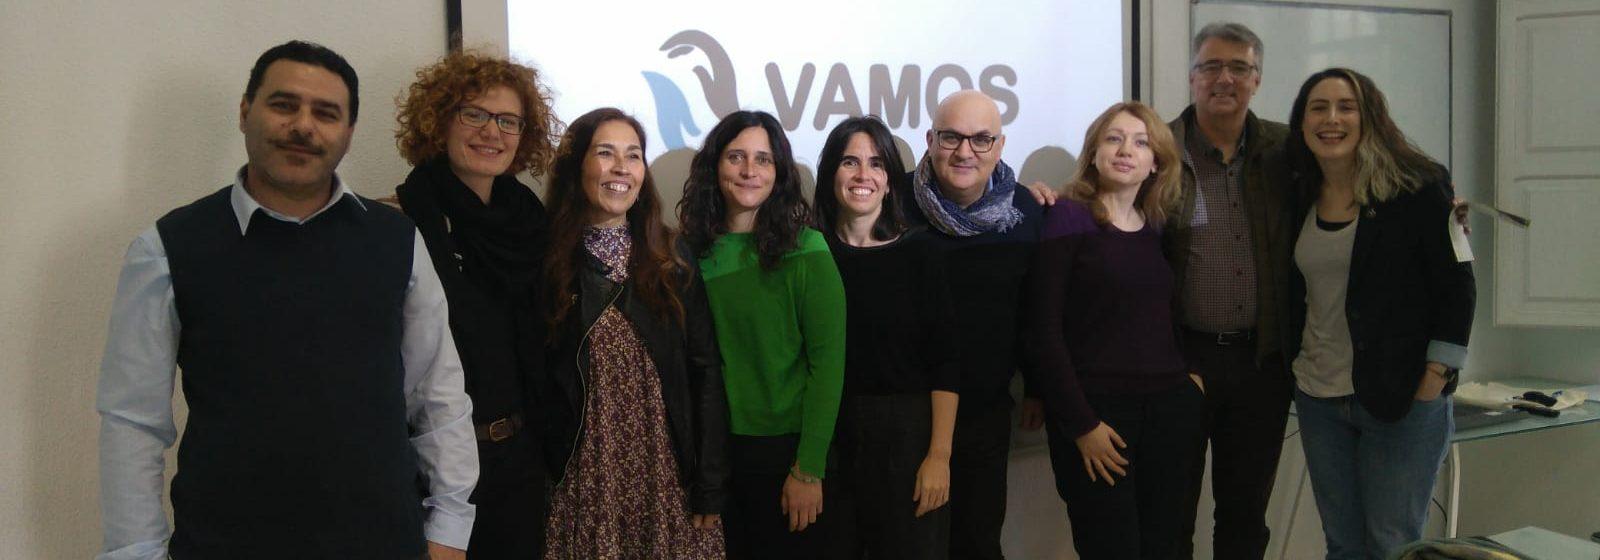 Esta semana ha tenido lugar en Sevilla la primera reunión de socios de VAMOS